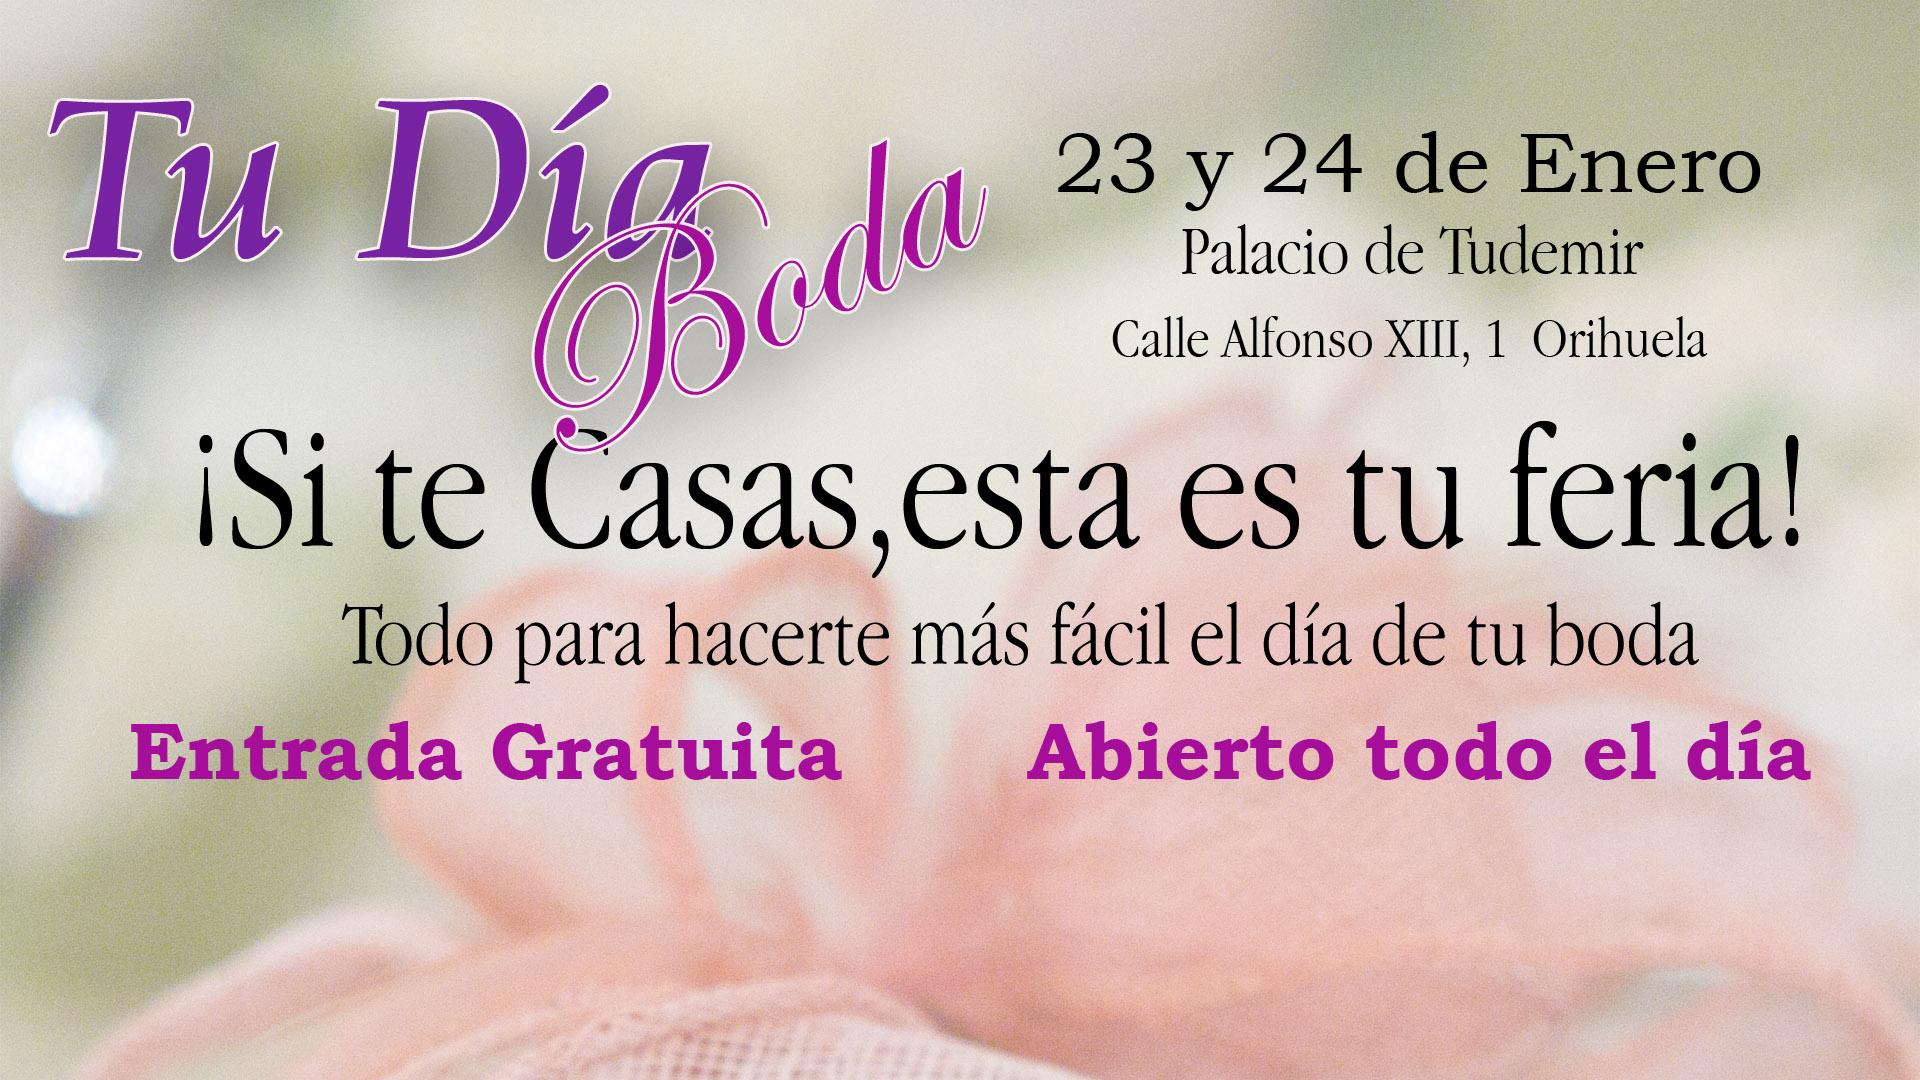 Certamen de bodas en Orihuela. 23 y 24 de enero.